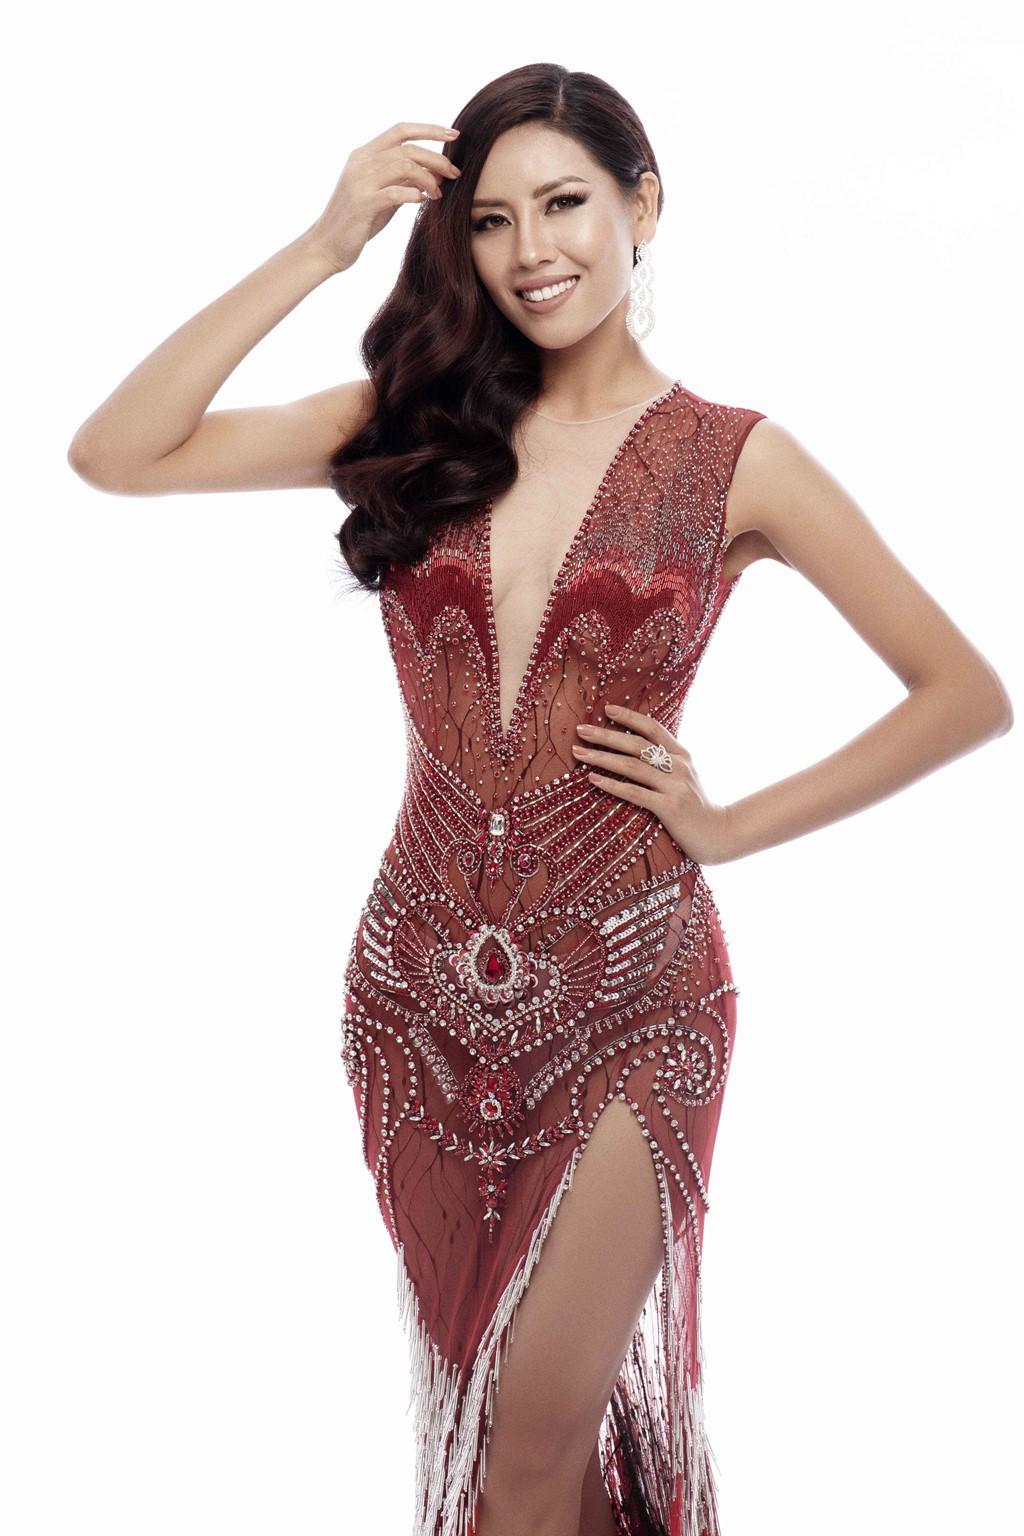 Nguyễn Thị Loan khoe trọn vóc dáng nóng bỏng trong trang phục dạ hội xuyên thấu tại Miss Universe - Ảnh 1.